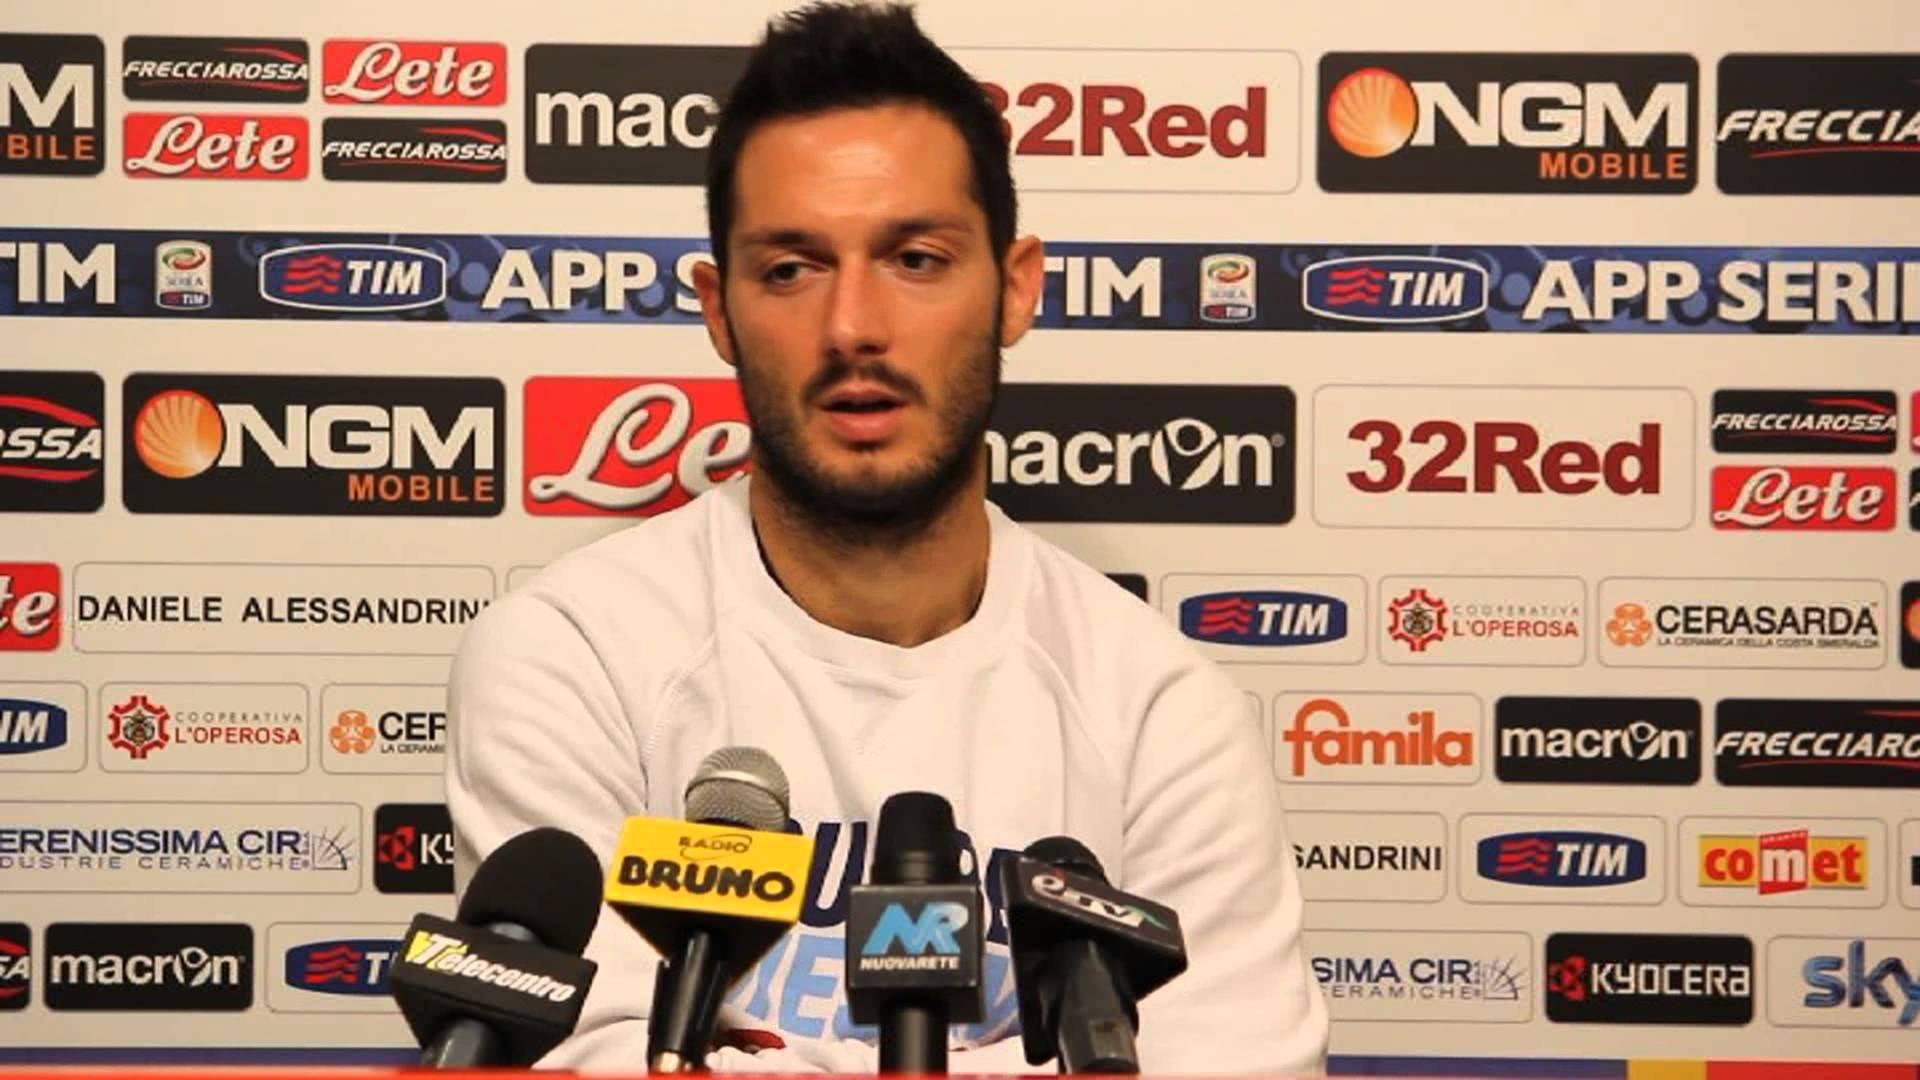 Calciomercato: ufficiale Mantovani rescinde il contratto